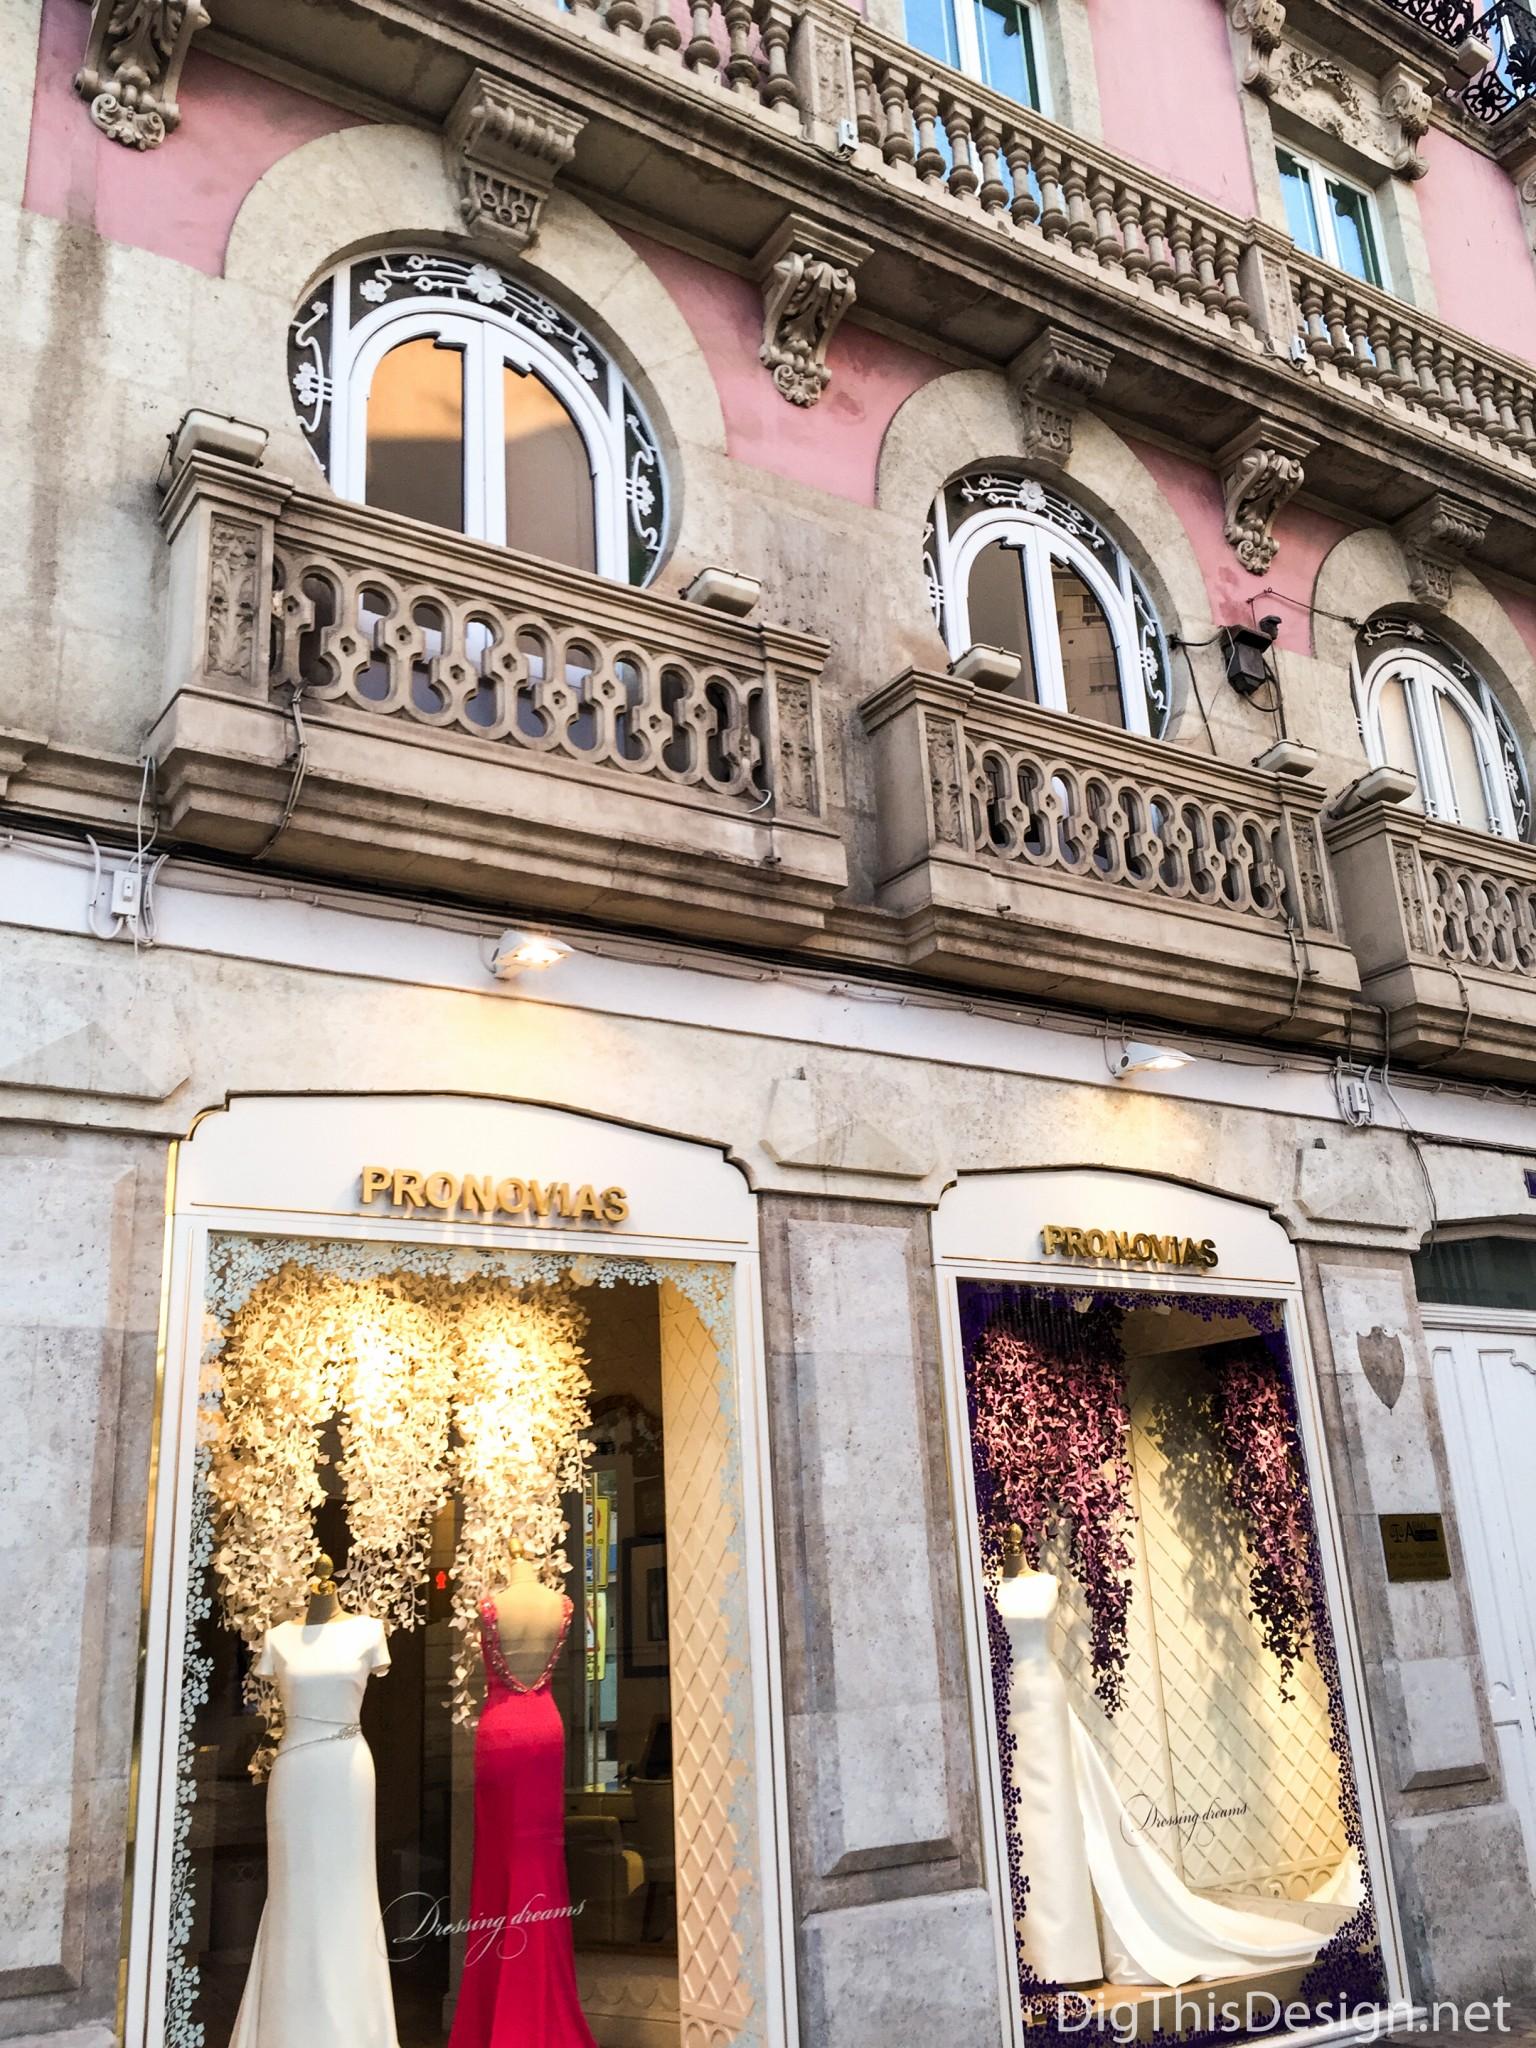 Almeria, Spain - In historic center a bridal store front.